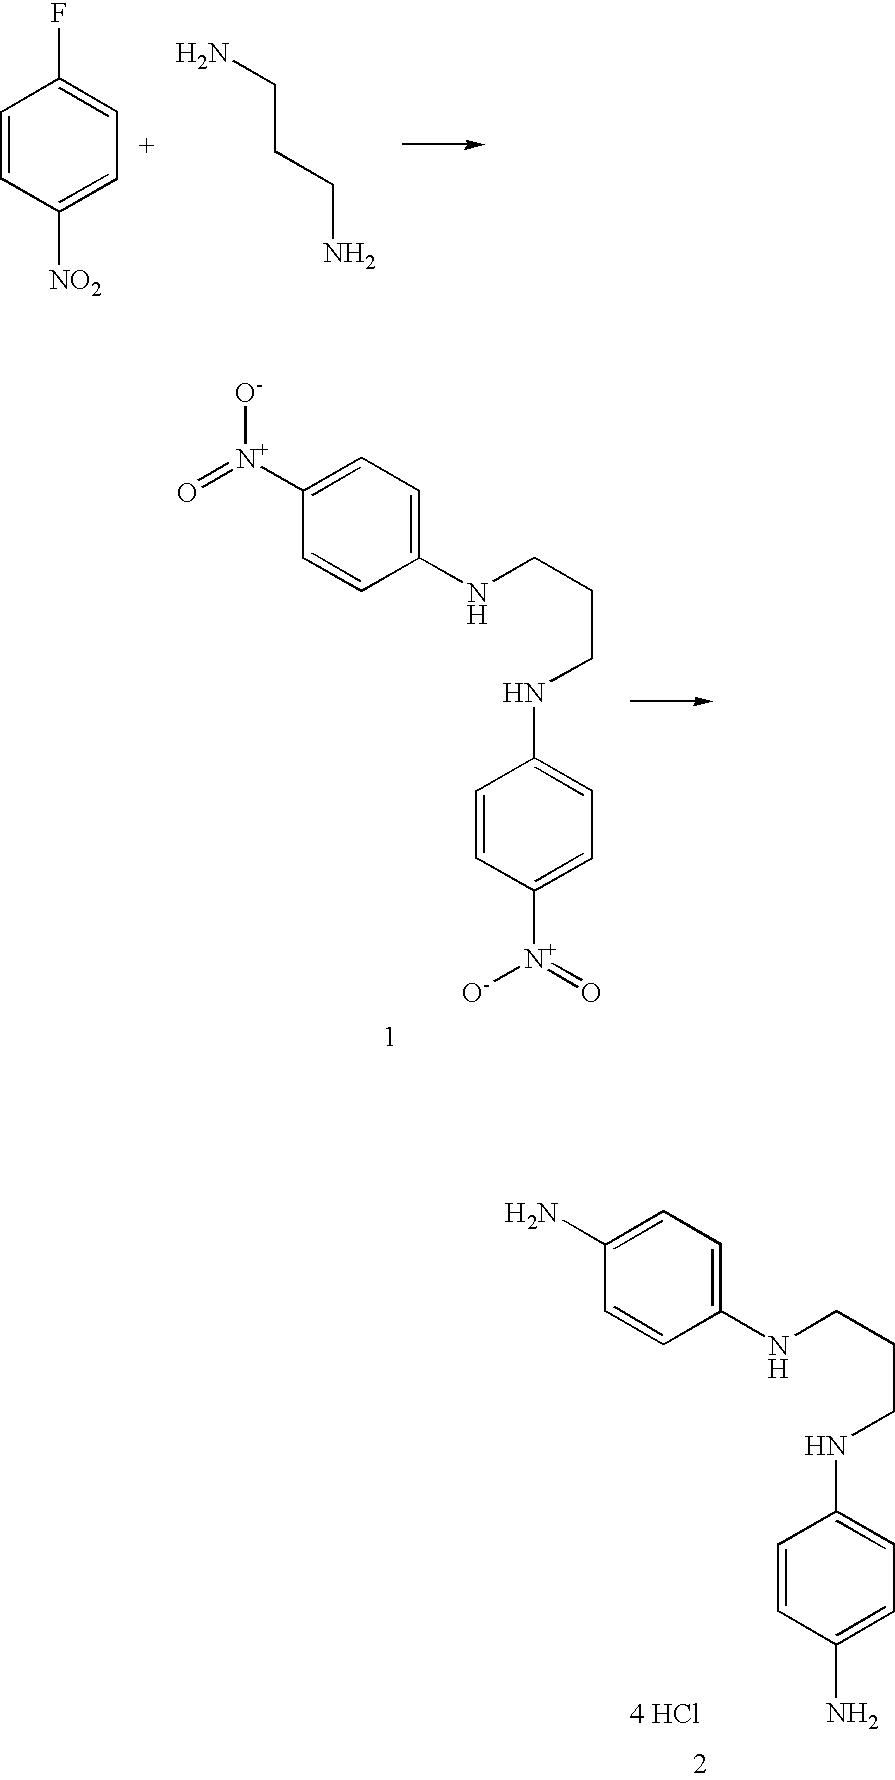 Figure US07396367-20080708-C00005